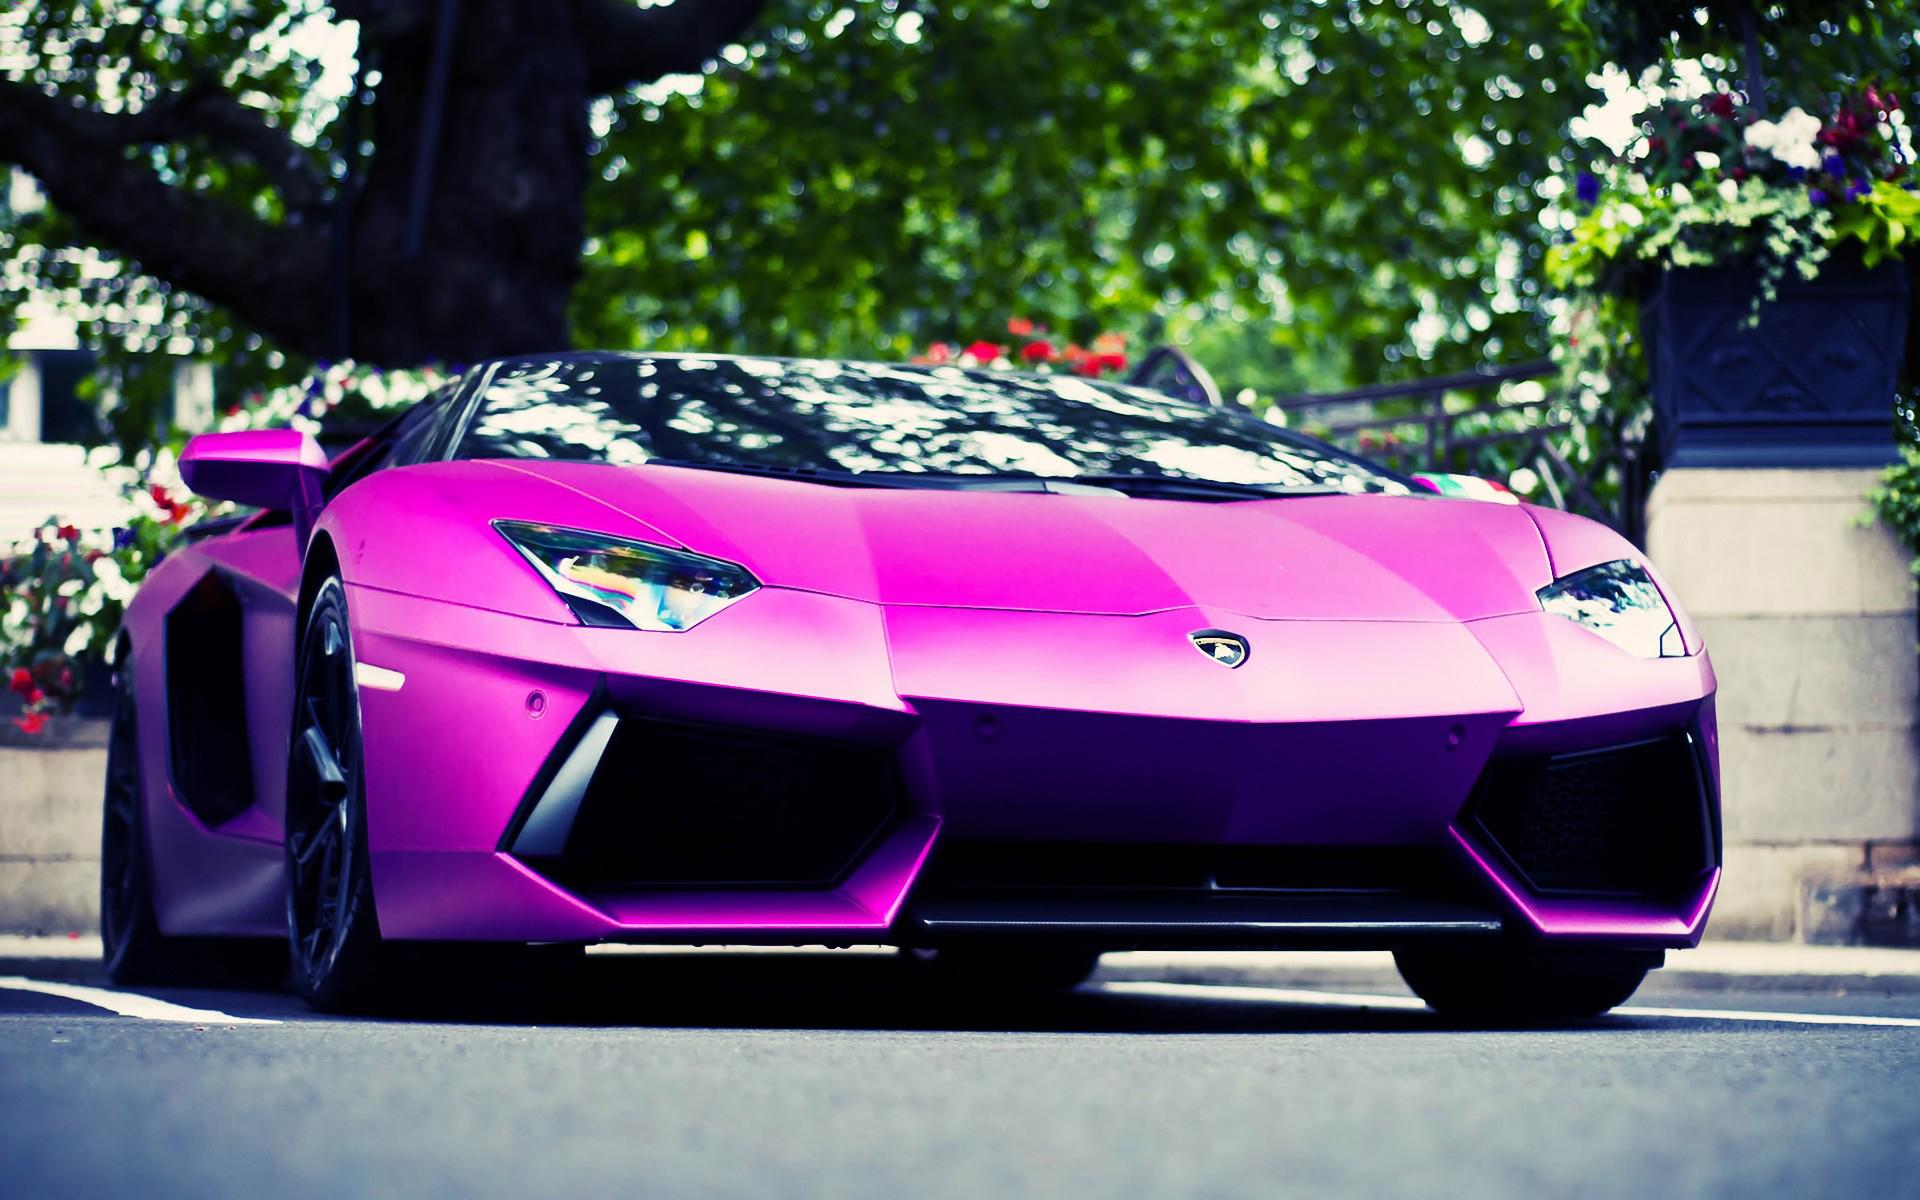 Purple Lamborghini Free Download Wallpaper For Mobile